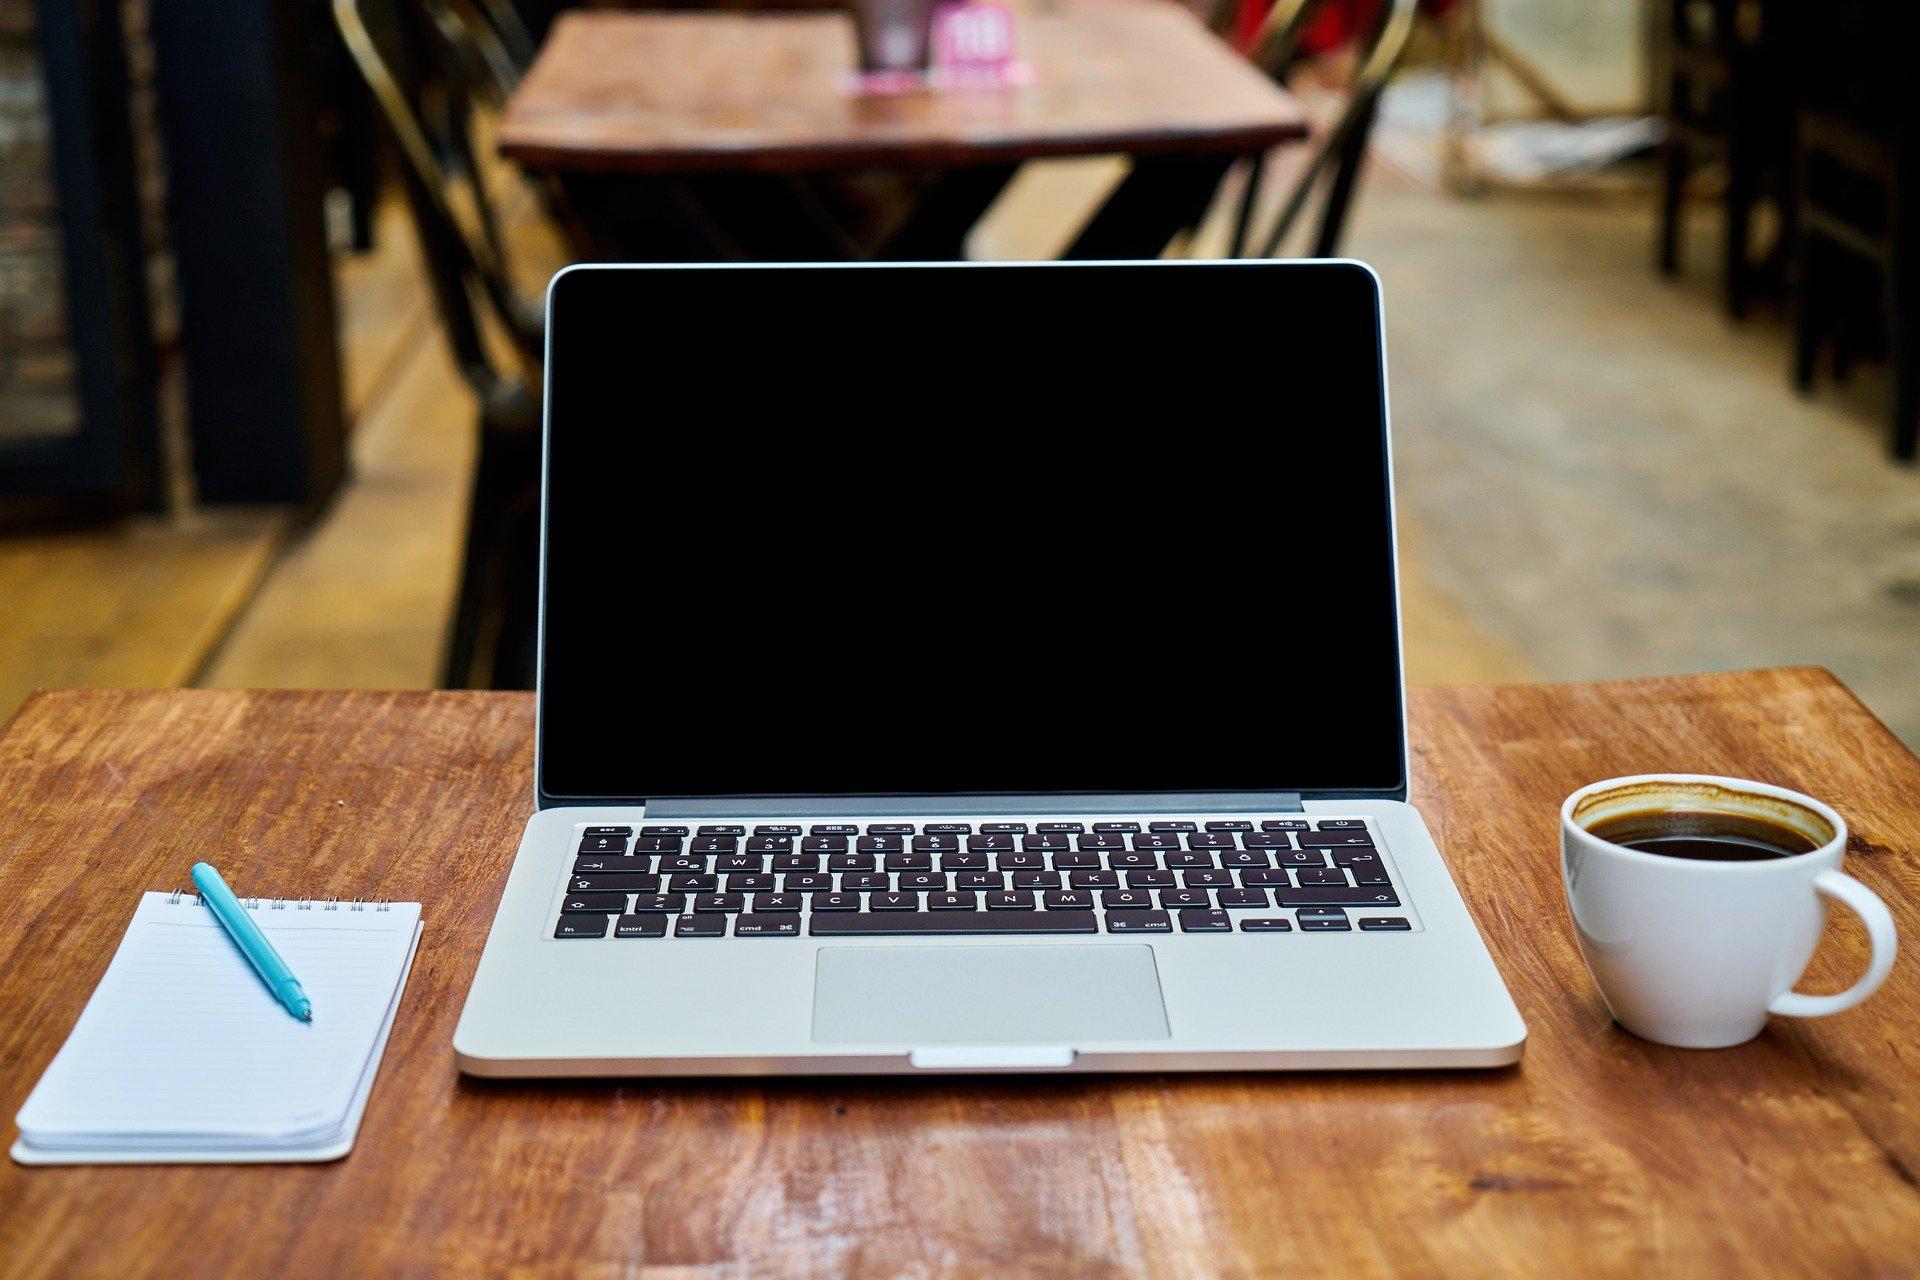 Imagem mostra um notebook sobre uma mesa.